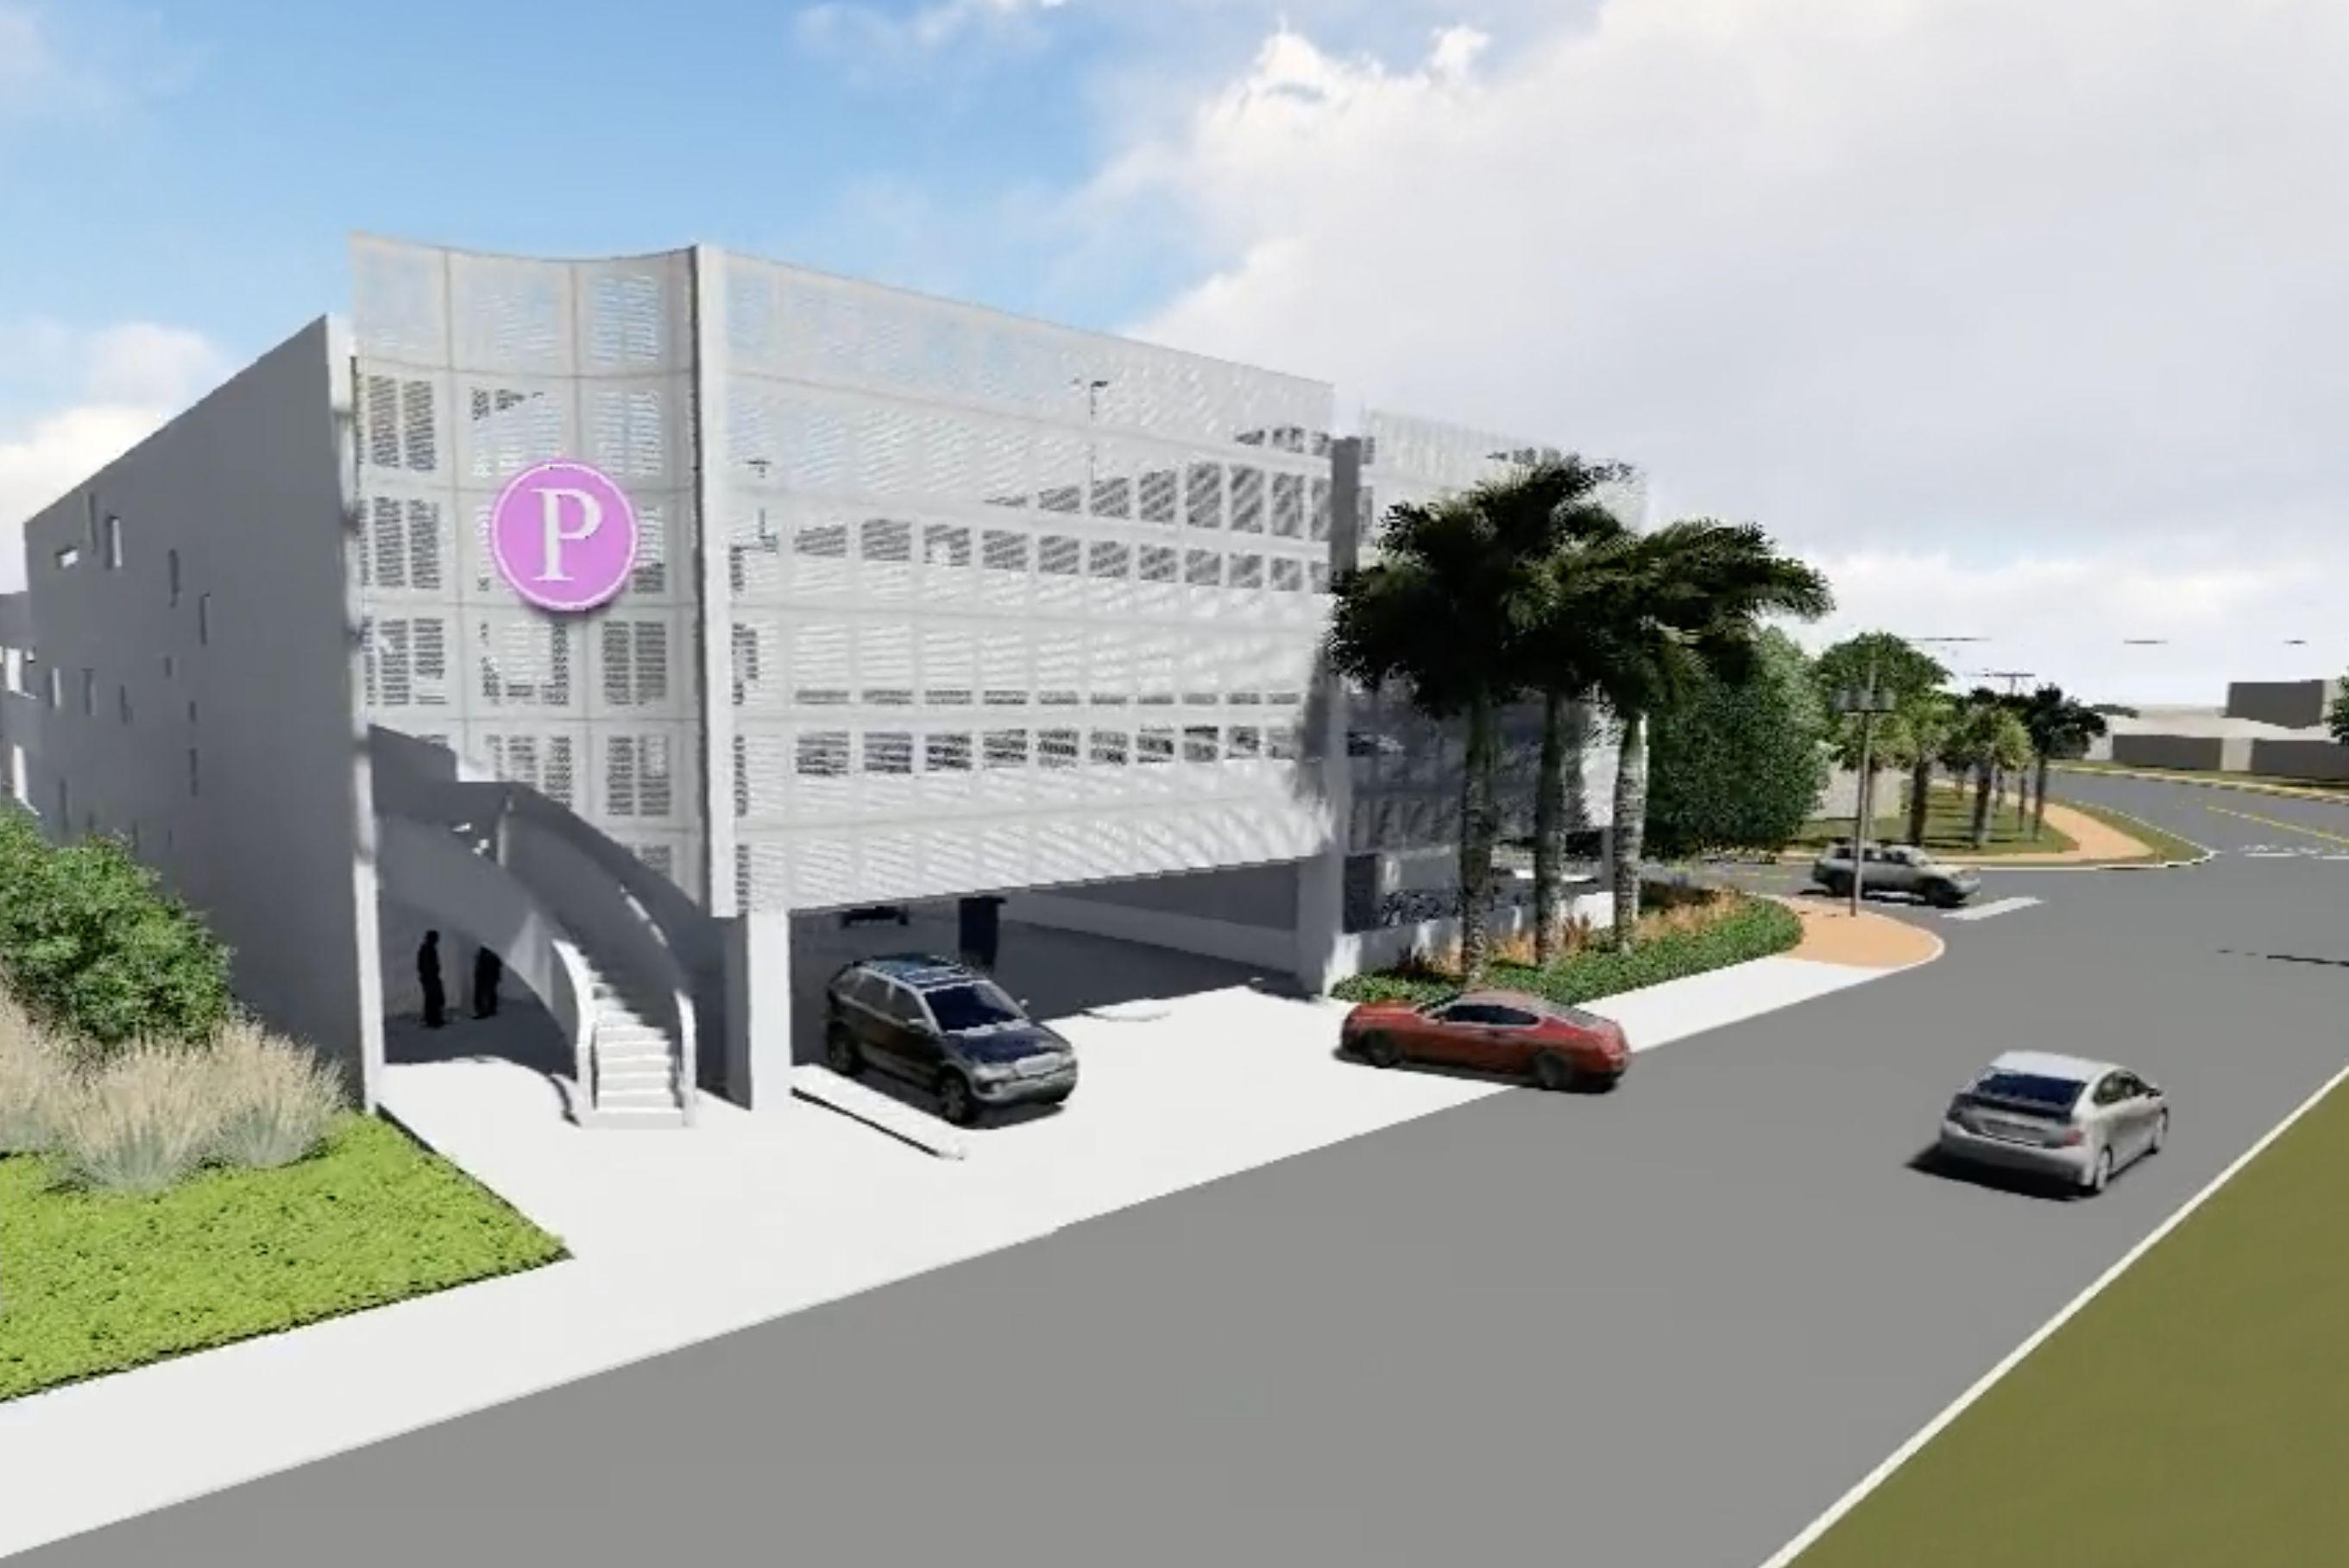 St. armands circle parking garage fhtw8k